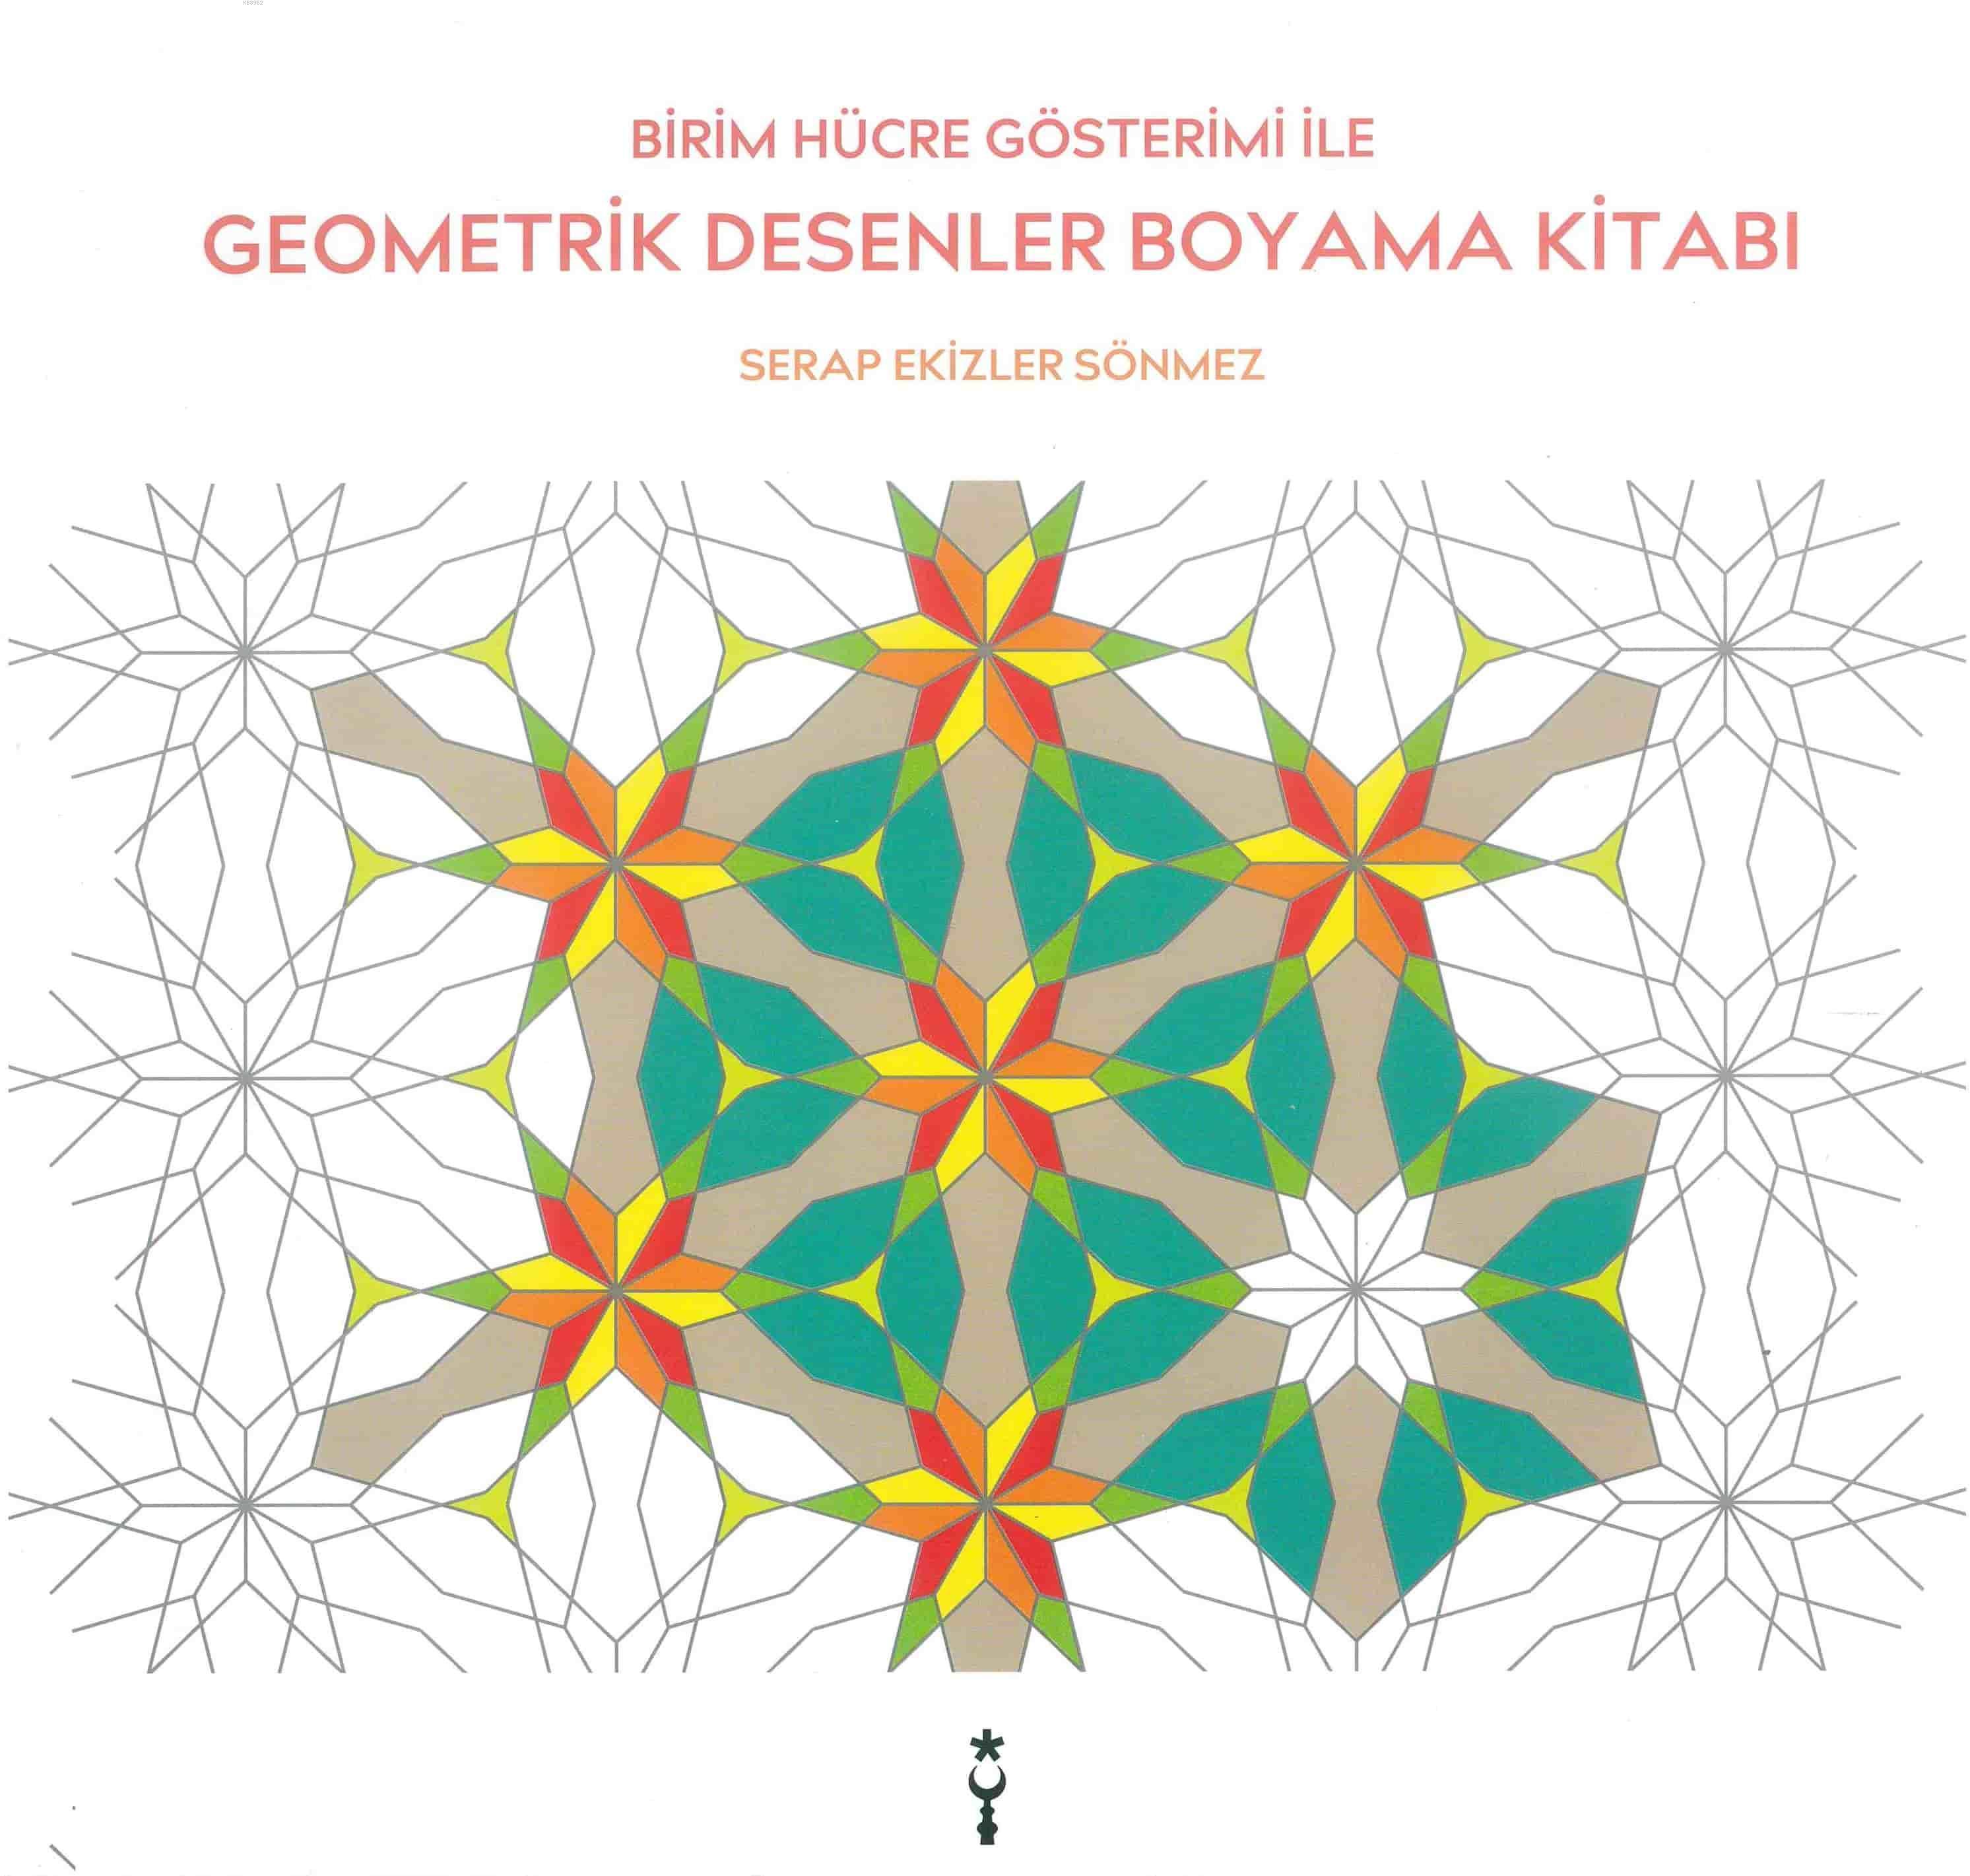 Geometrik Desenler Boyama Kitabı; Birim Hücre Gösterimi ile